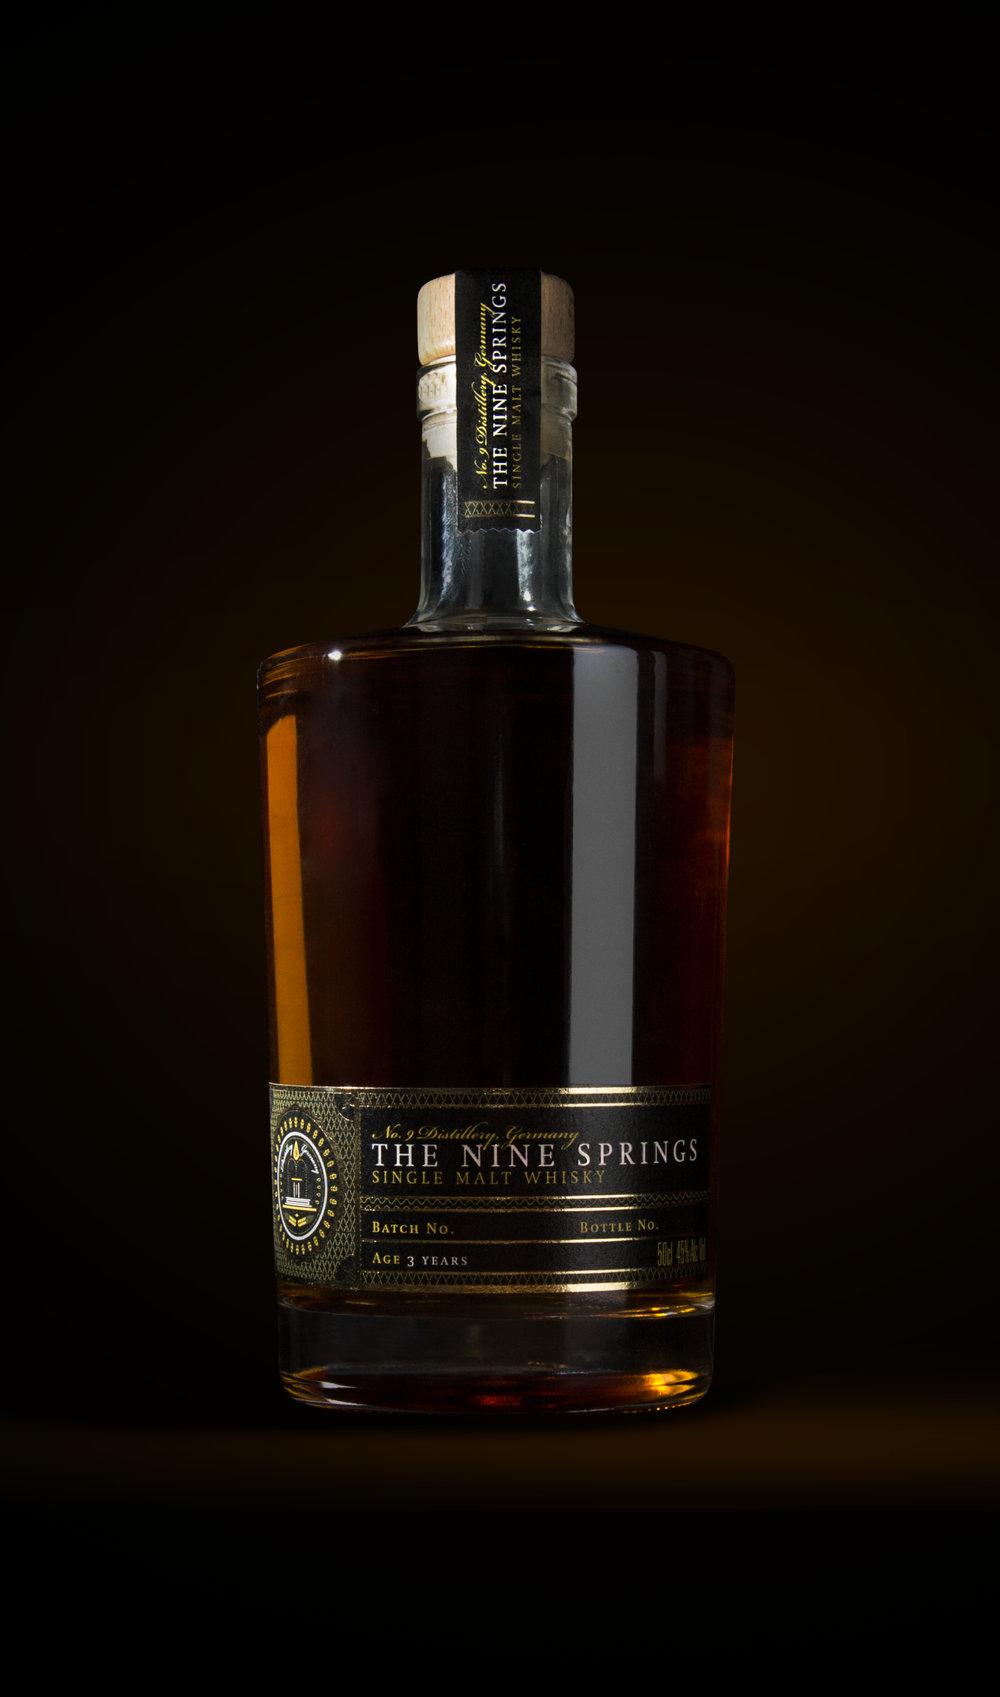 Design eines Verpackungsdesigns für einen hochwertigen Single Malt Whisky aus dem Hause No. 9 The Nine Spring aus Leinefelde-Worbis